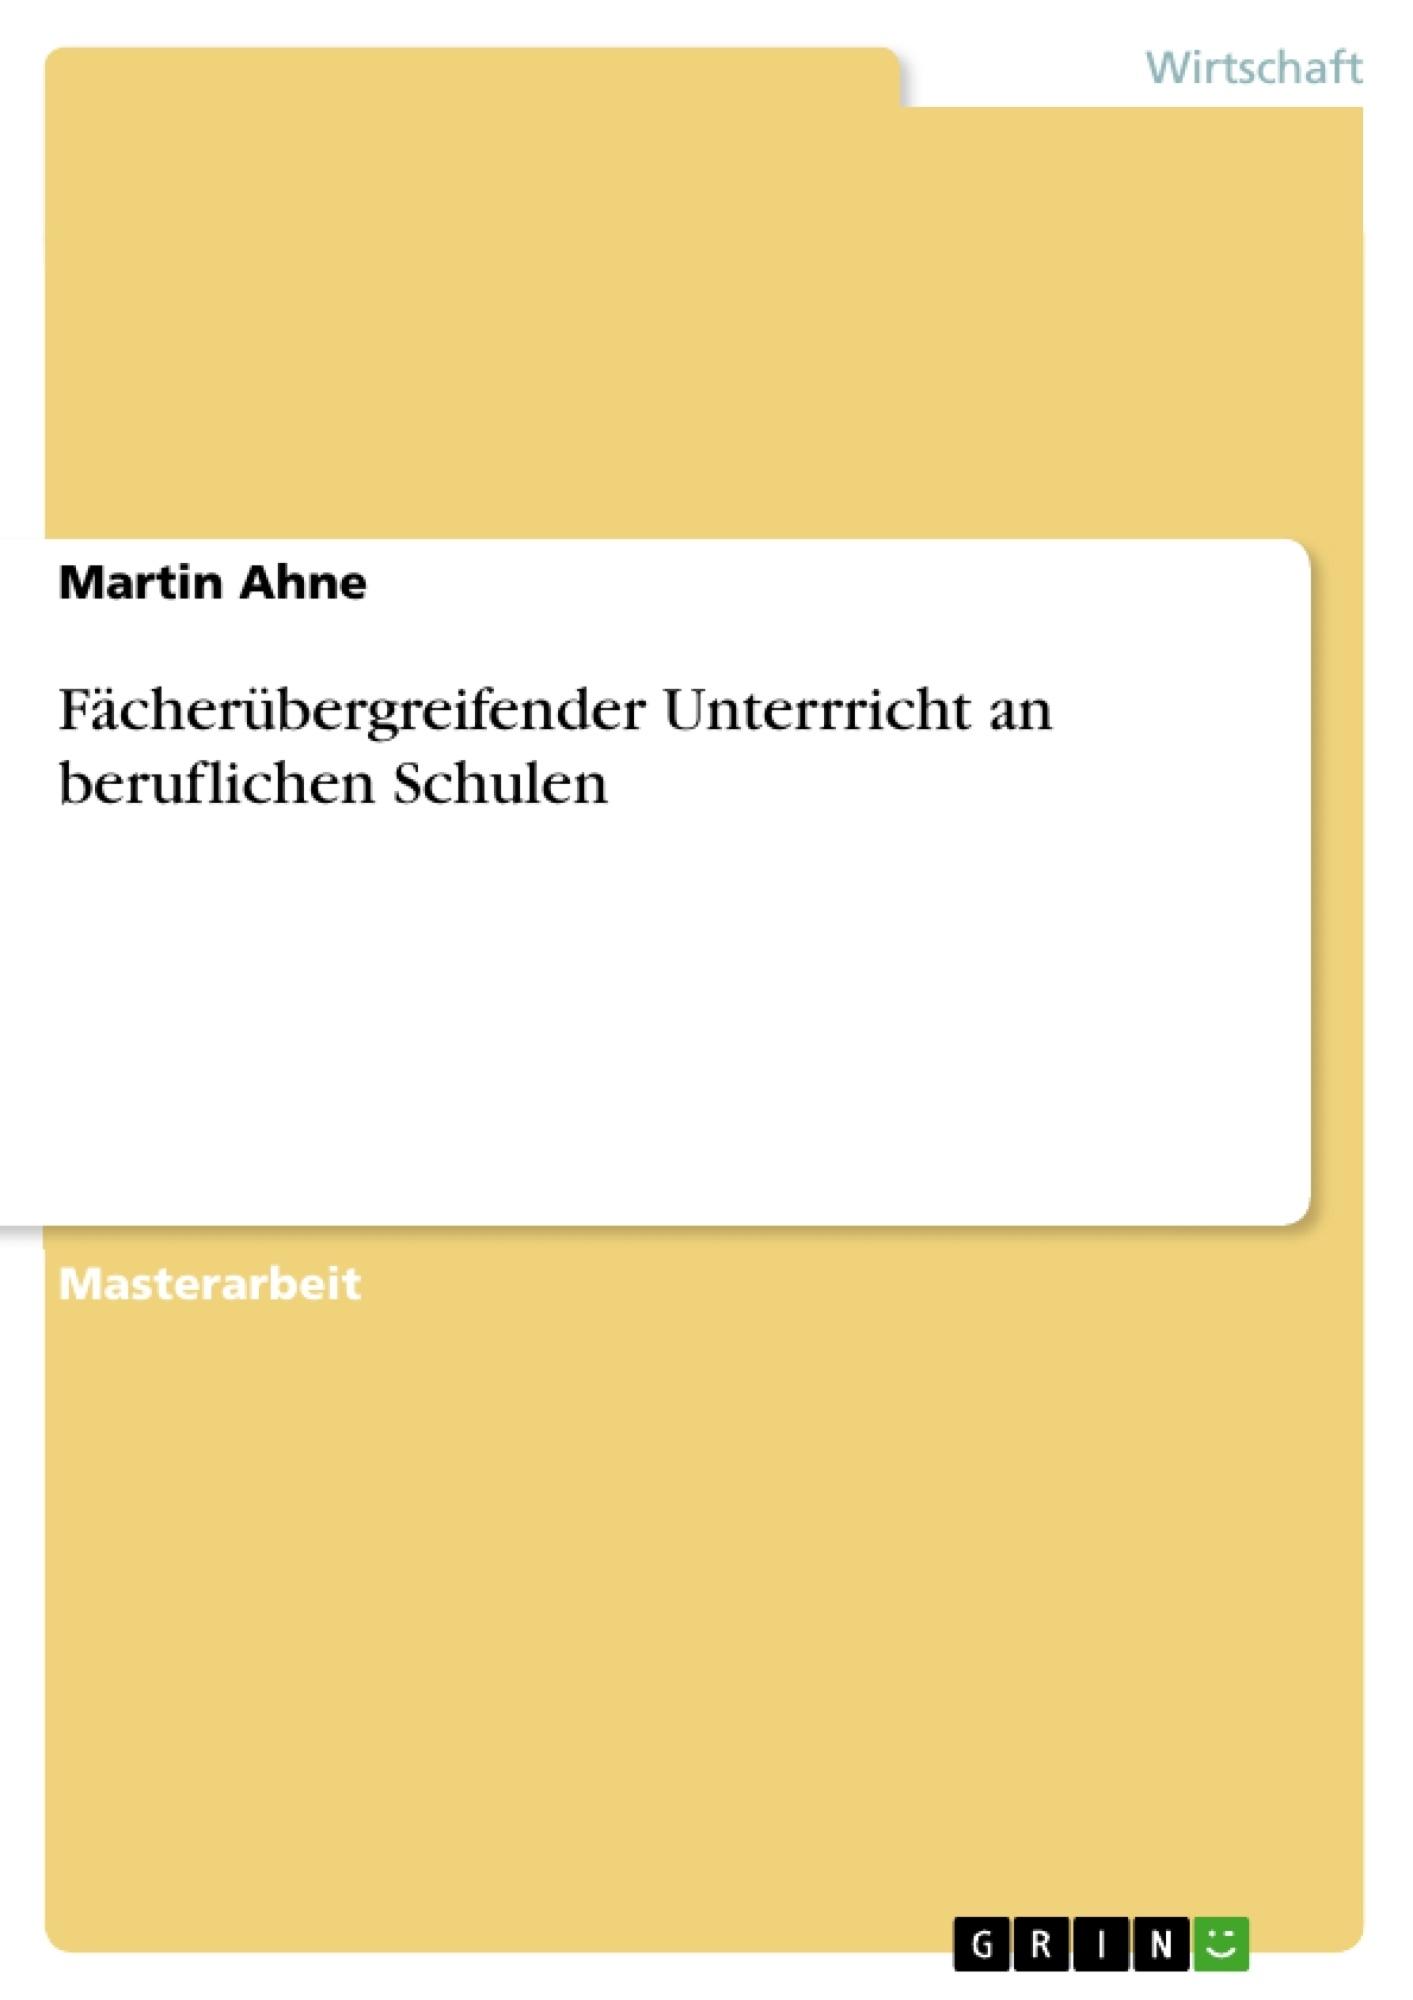 Titel: Fächerübergreifender Unterrricht an beruflichen Schulen